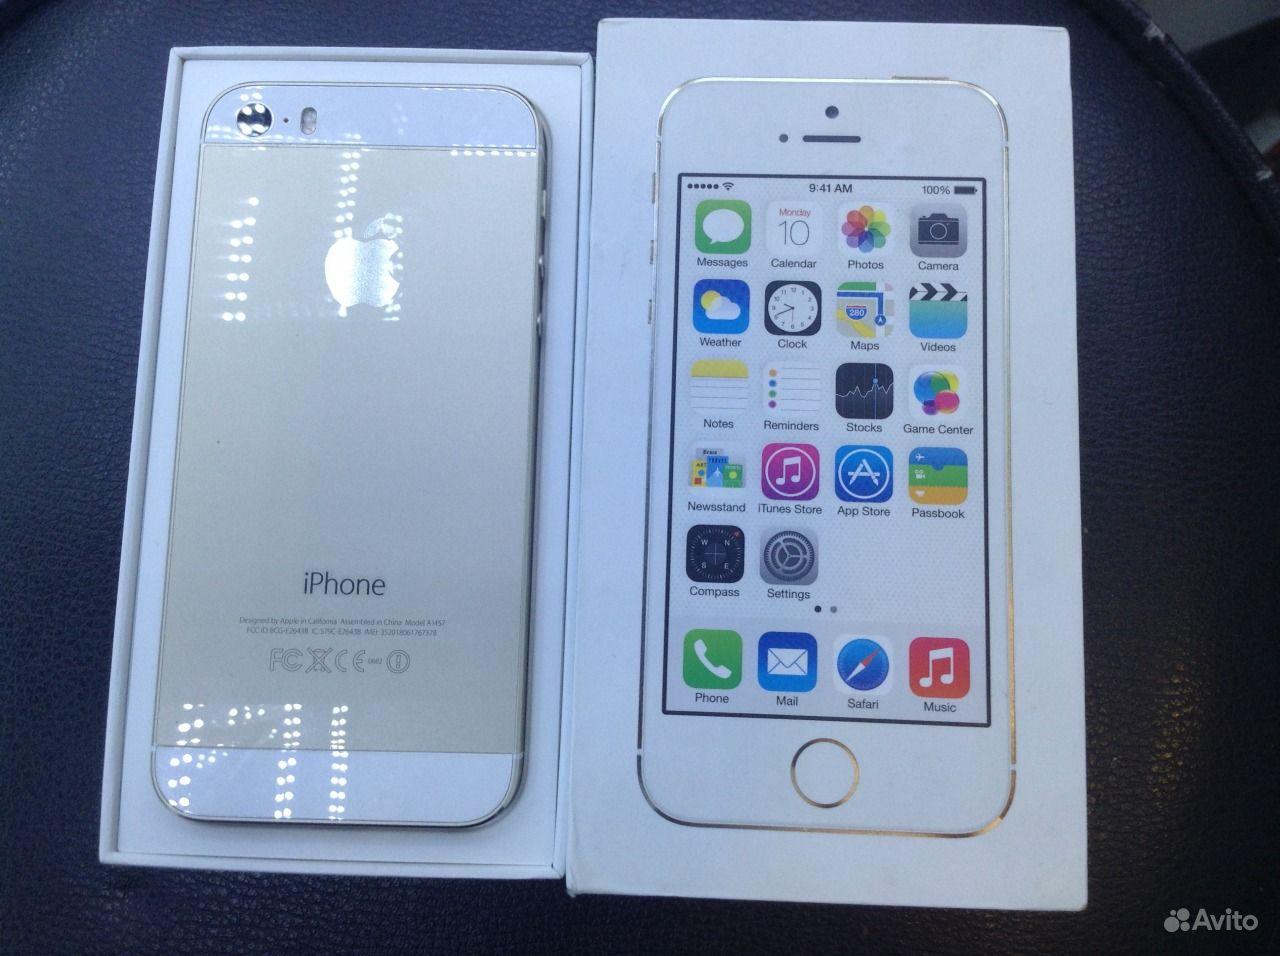 Купить смартфон Apple iPhone 5C в Москве дешево продажа А